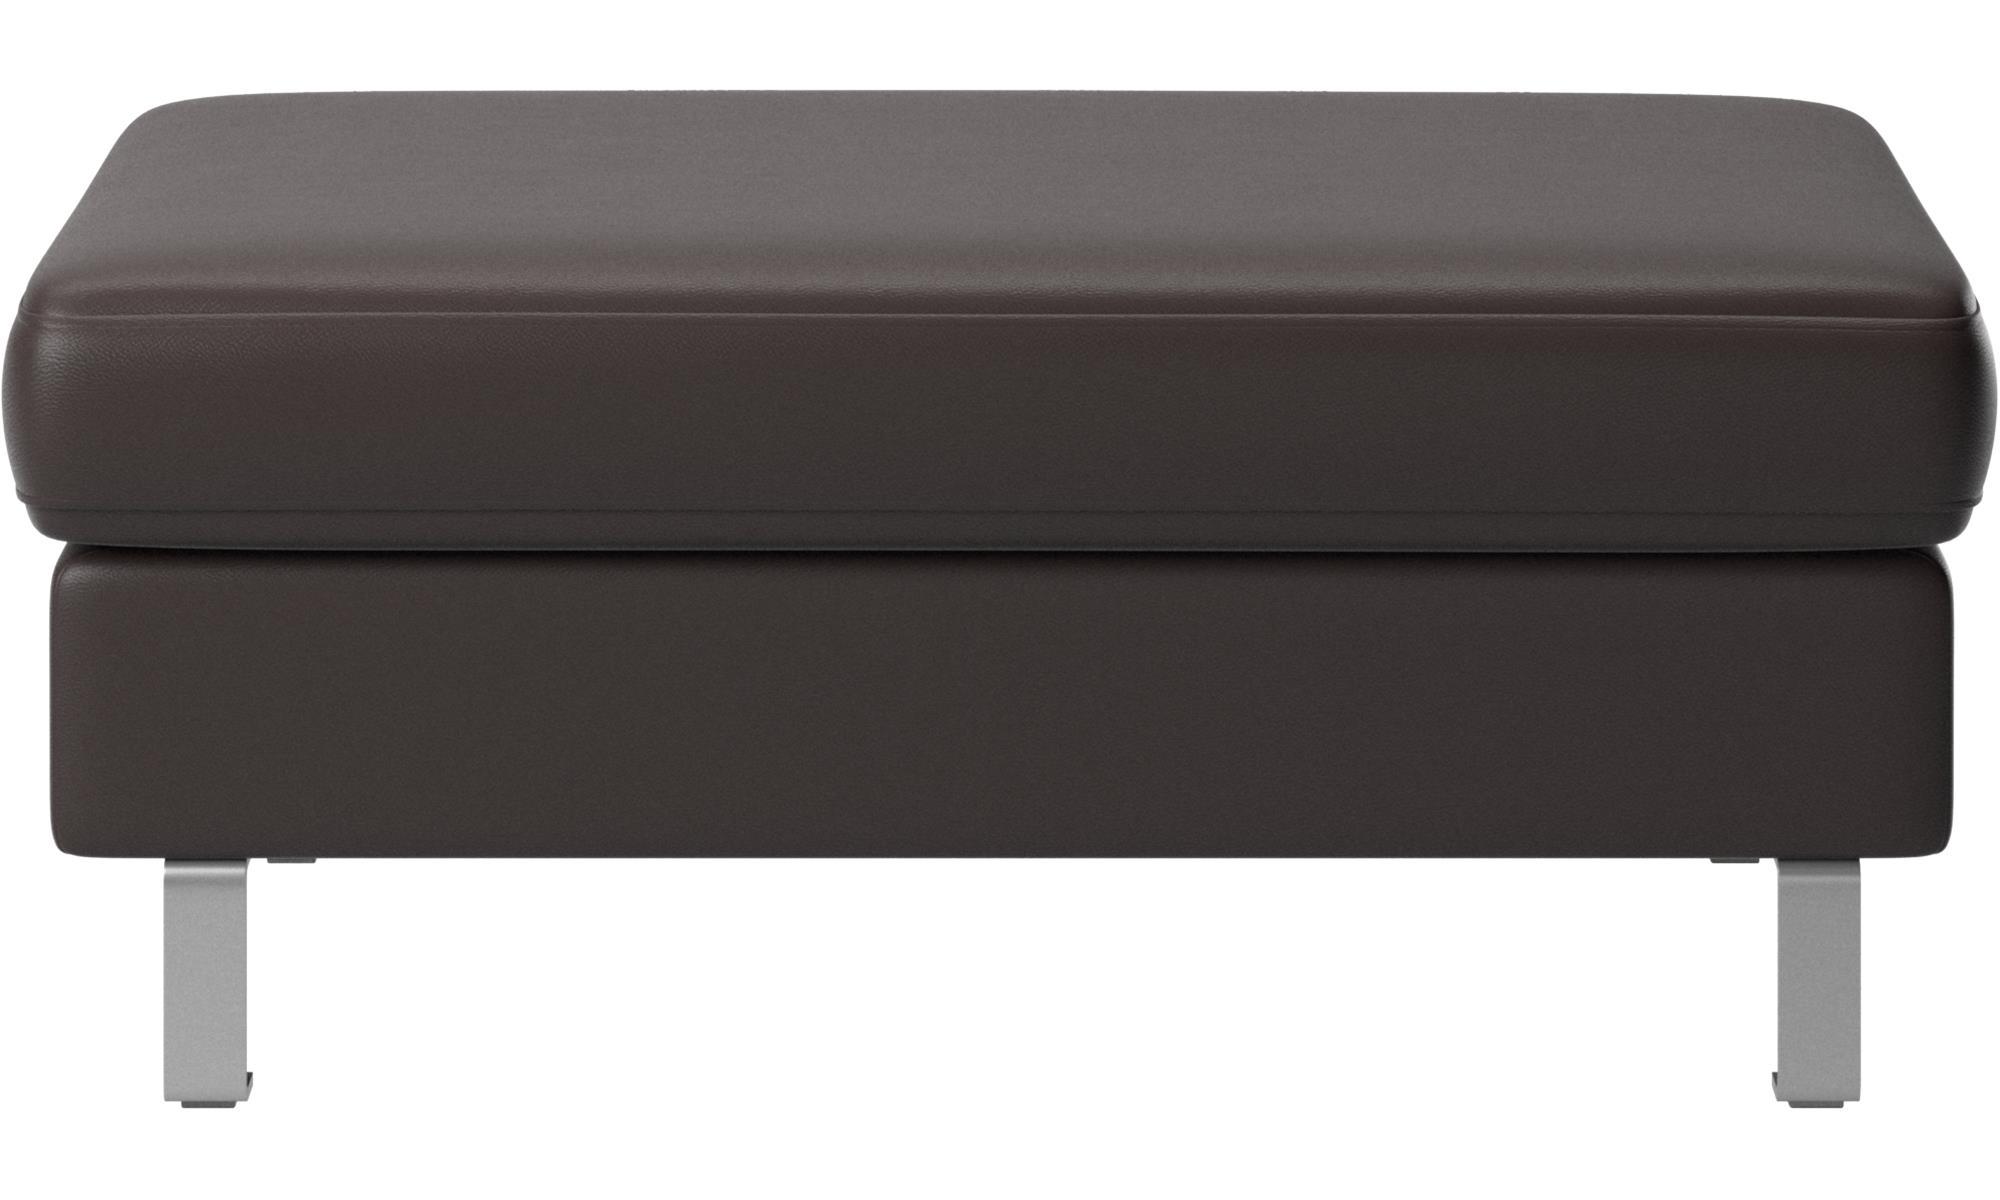 footstools indivi 2 footstool boconcept. Black Bedroom Furniture Sets. Home Design Ideas